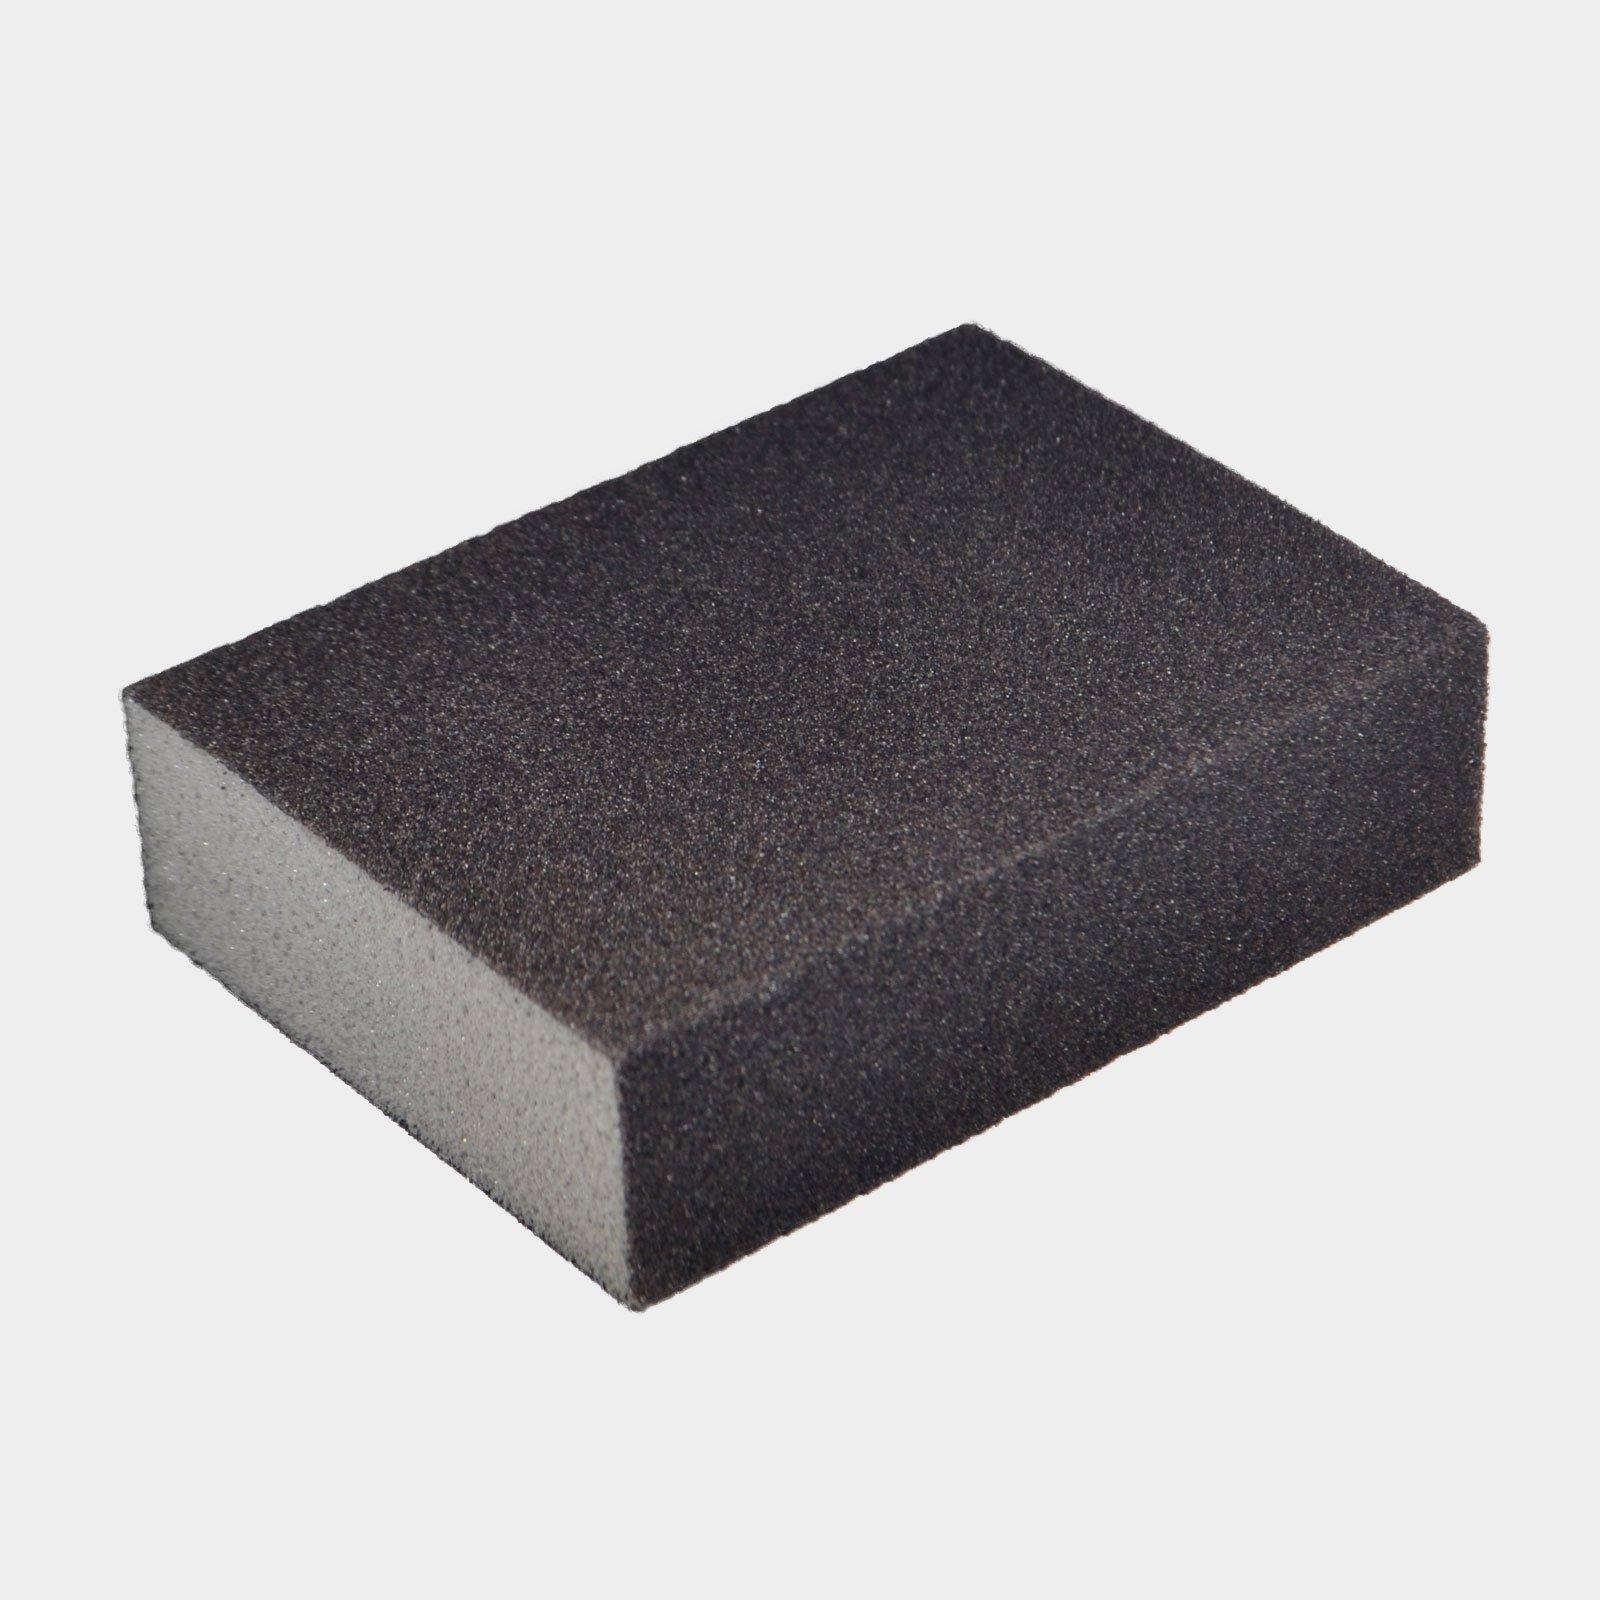 Sanding Sponge - spugna abrasiva su tutti e 4 i lati